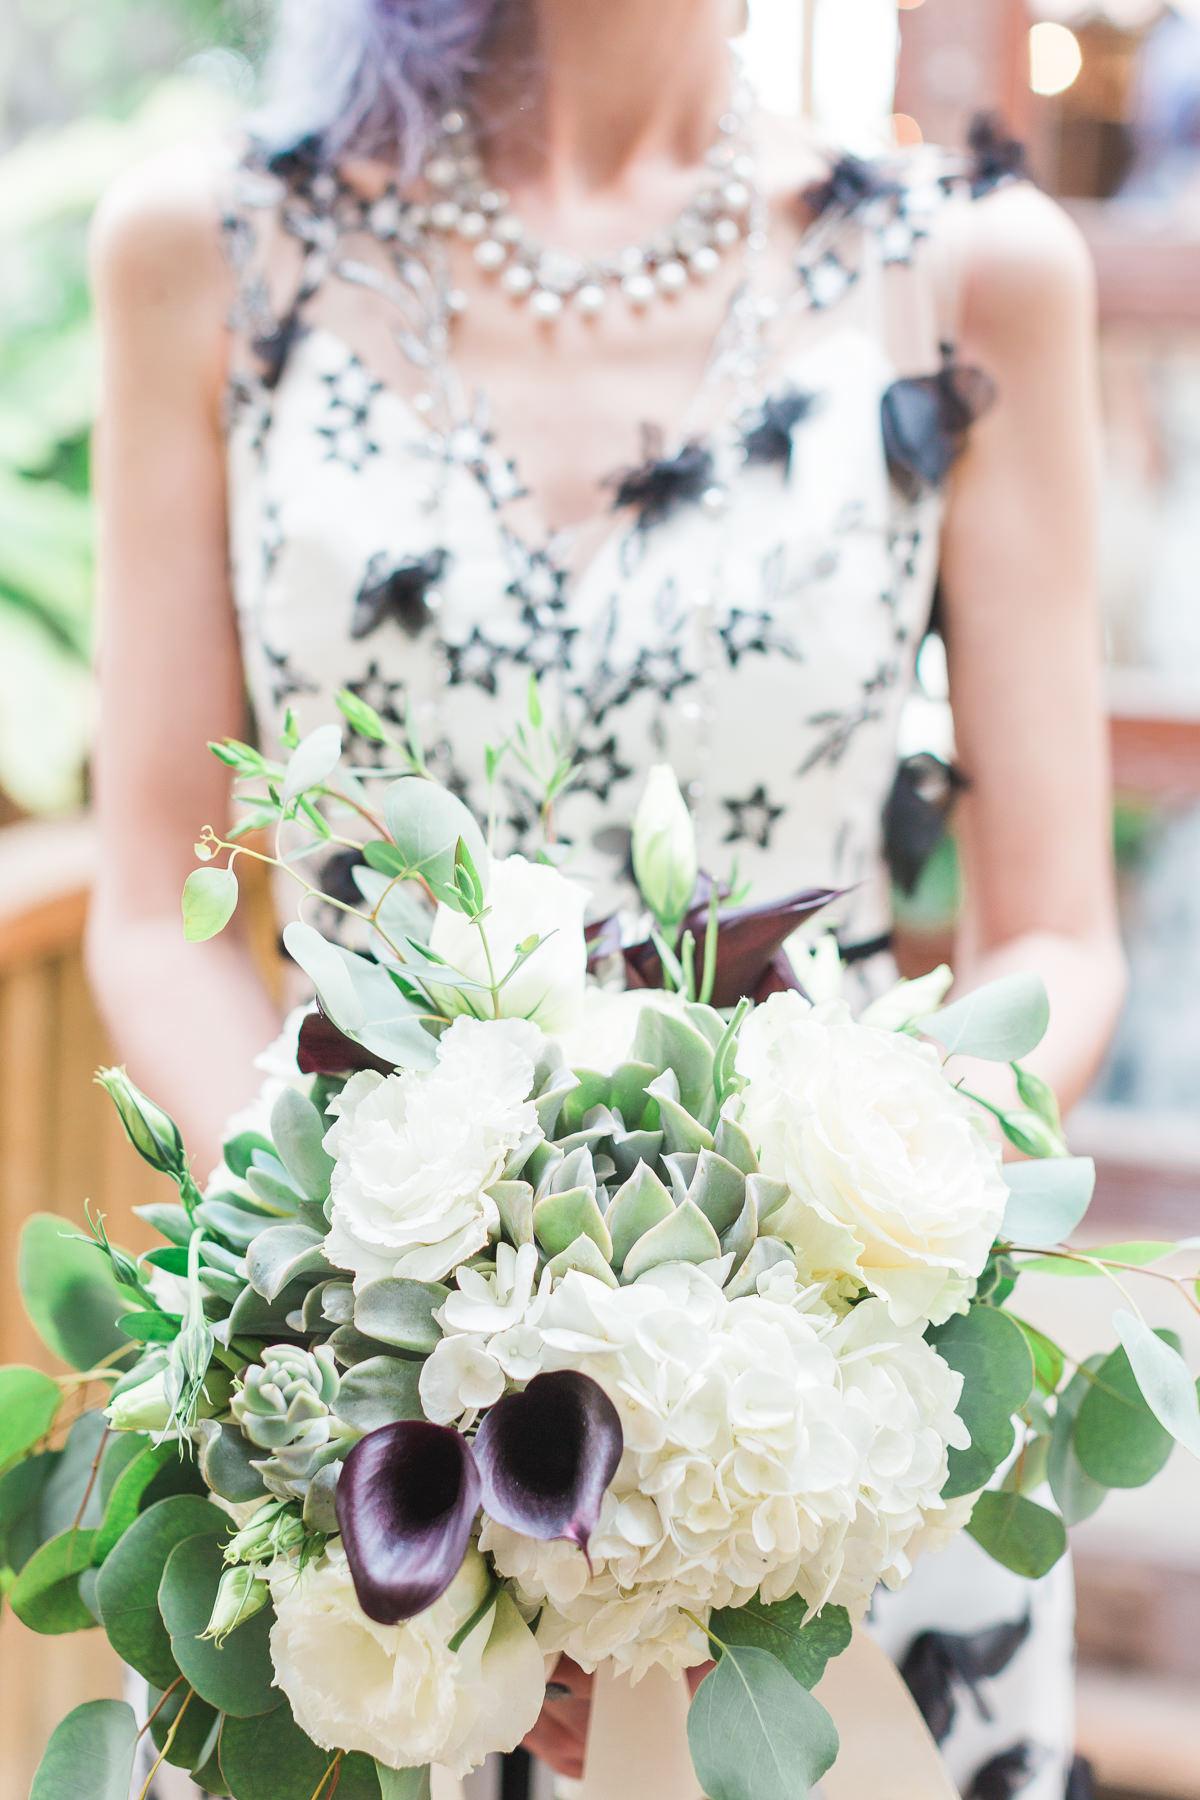 kim—mata-wedding-photography-the_light_and_glass-01-1310.jpg